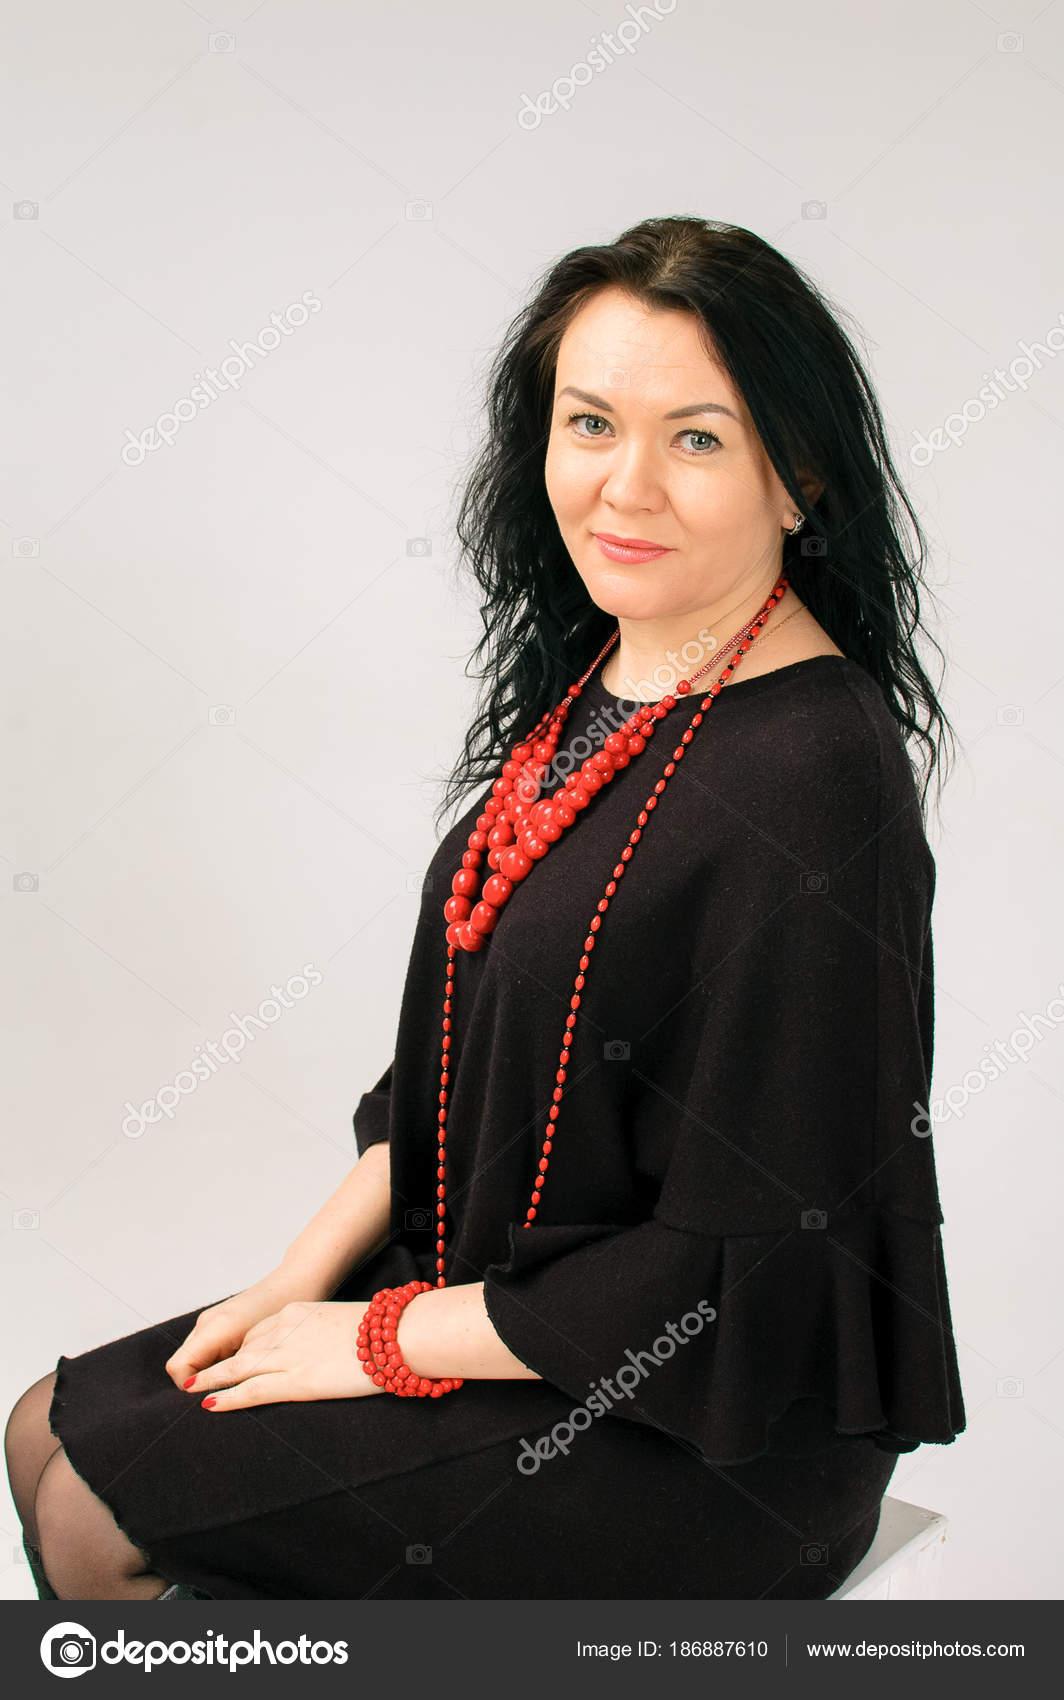 Collares rojos con vestido negro